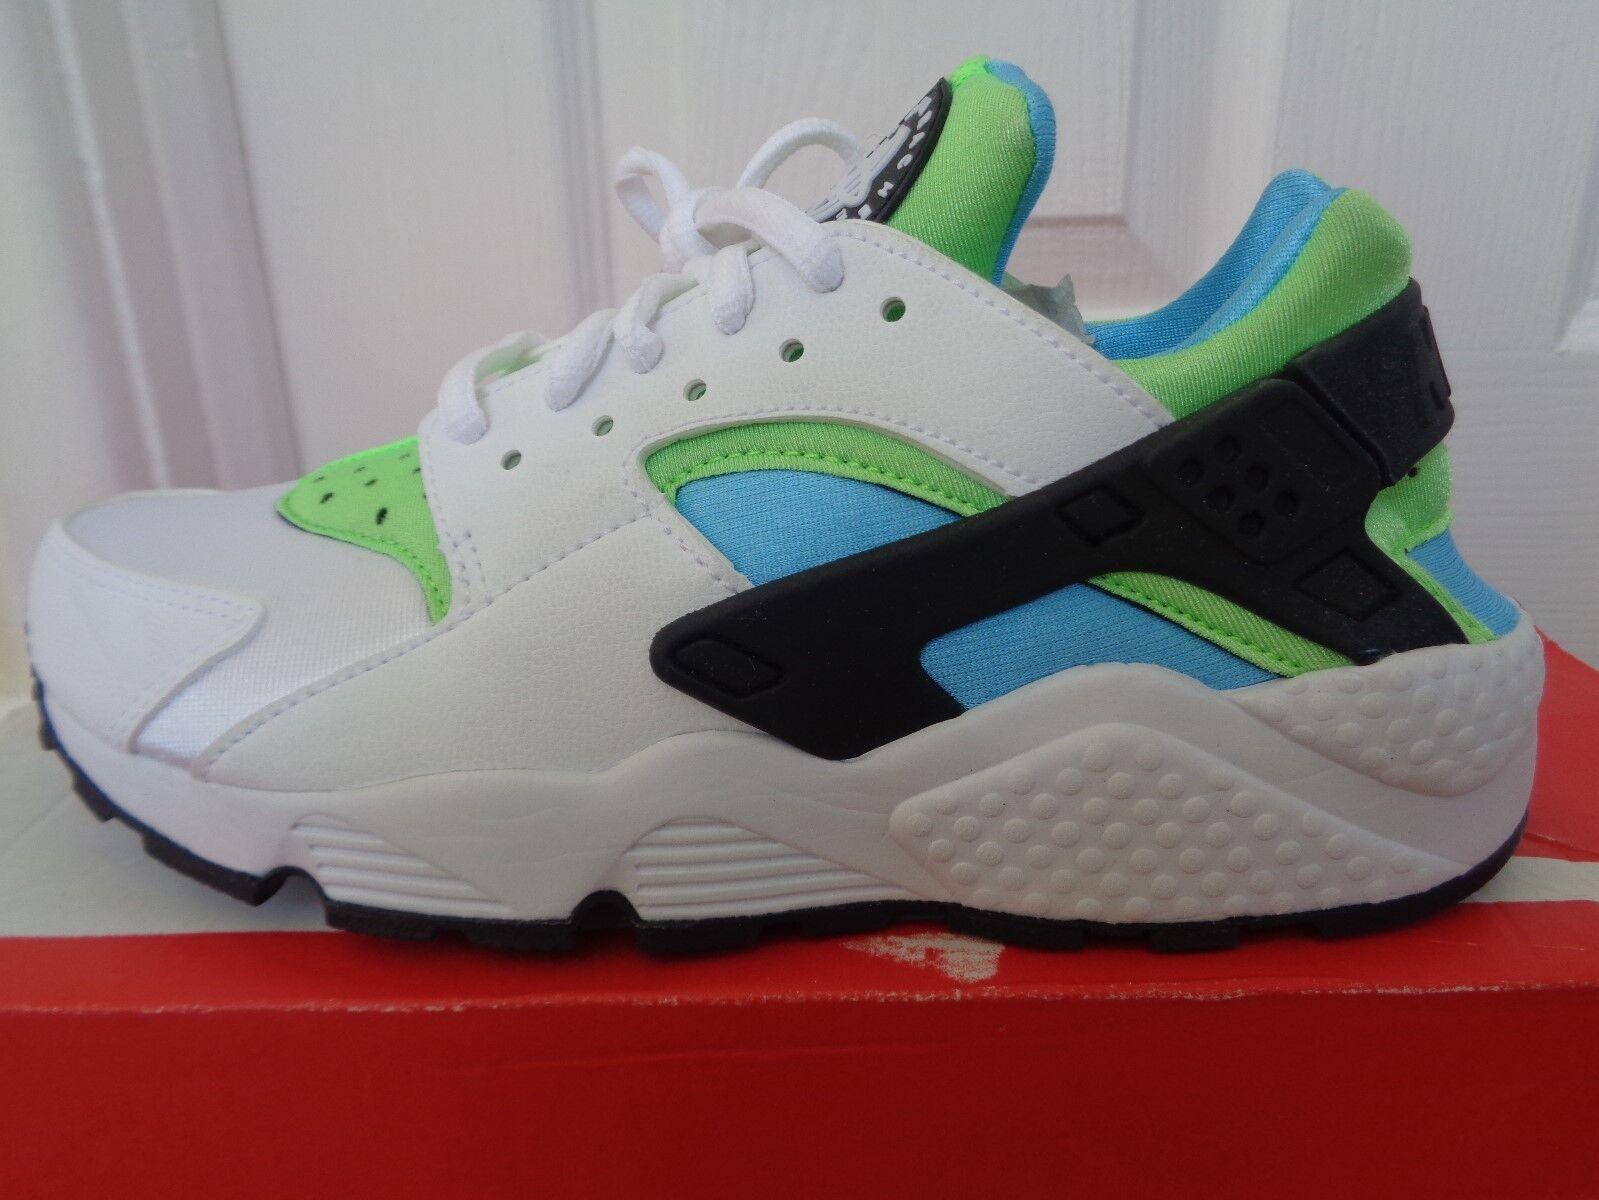 Nike  Air huarache run femmes  Nike trainers 634835 100 uk 4.5 eu 38 us 7 NEW IN BOX ccbf88